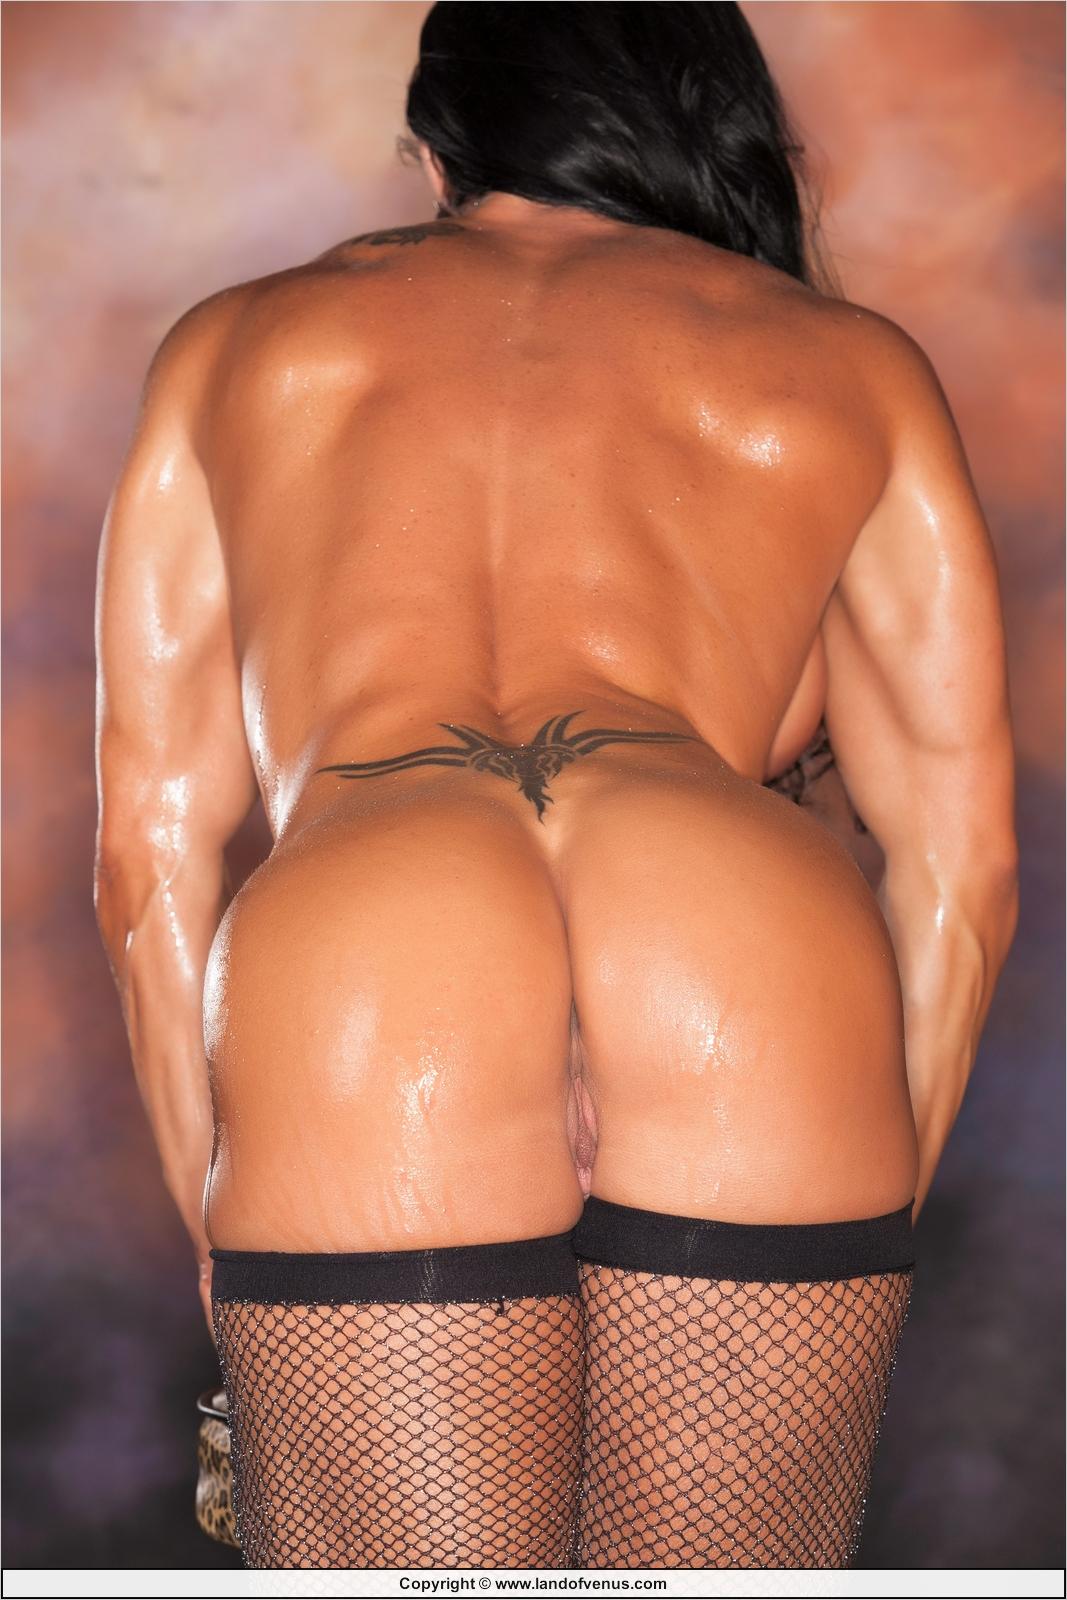 Сексуальные фото бодибилдерш 11 фотография